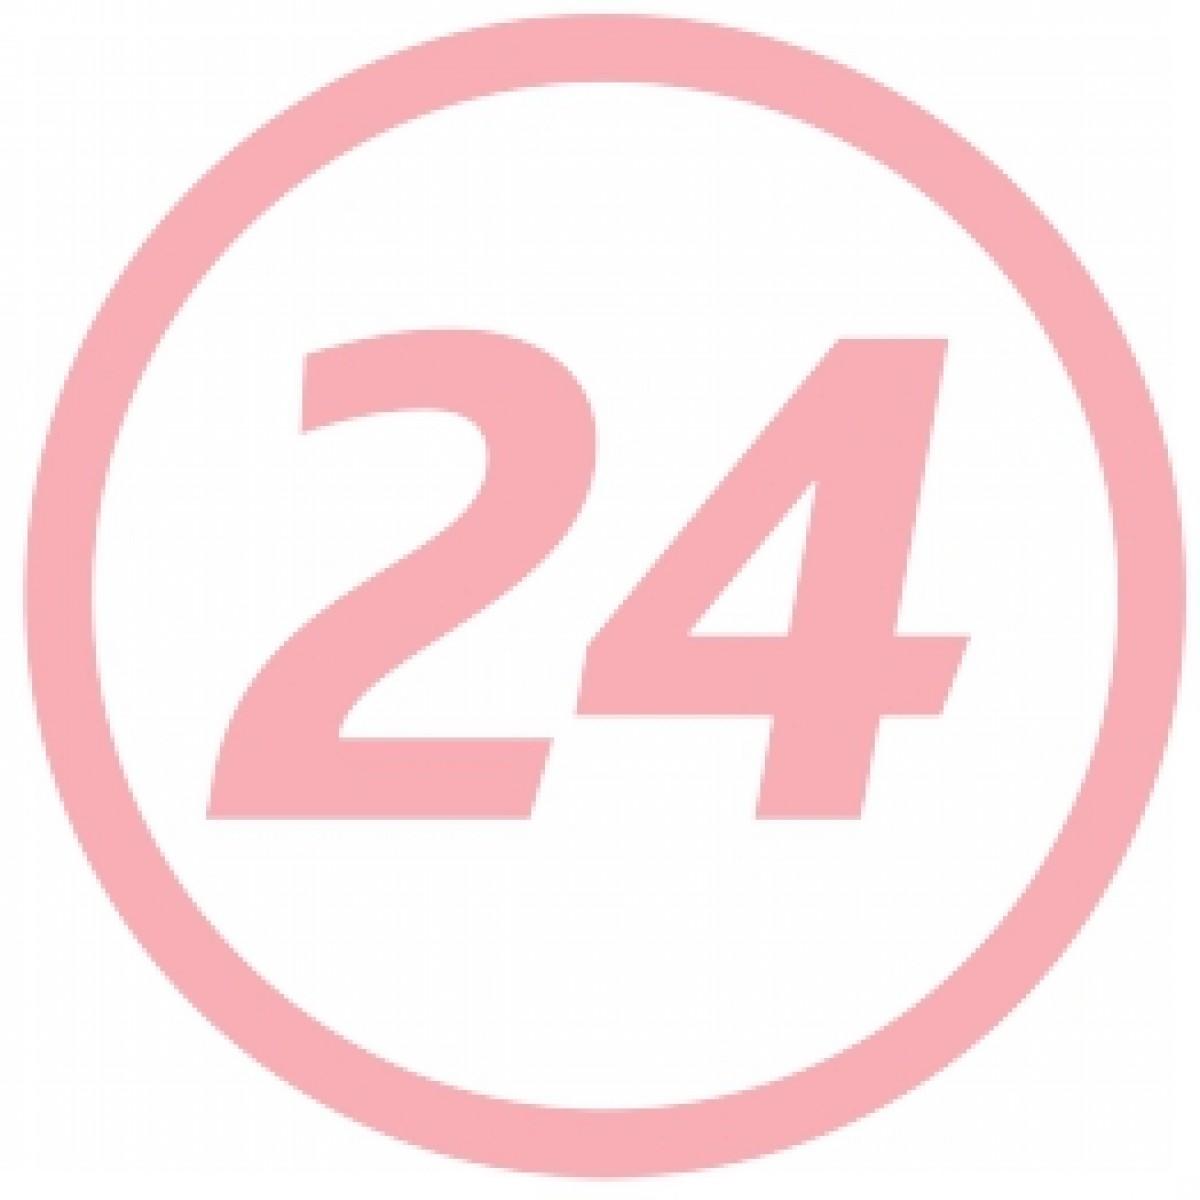 Furazolidona 25mg Comprimate, Comprimate, 10buc